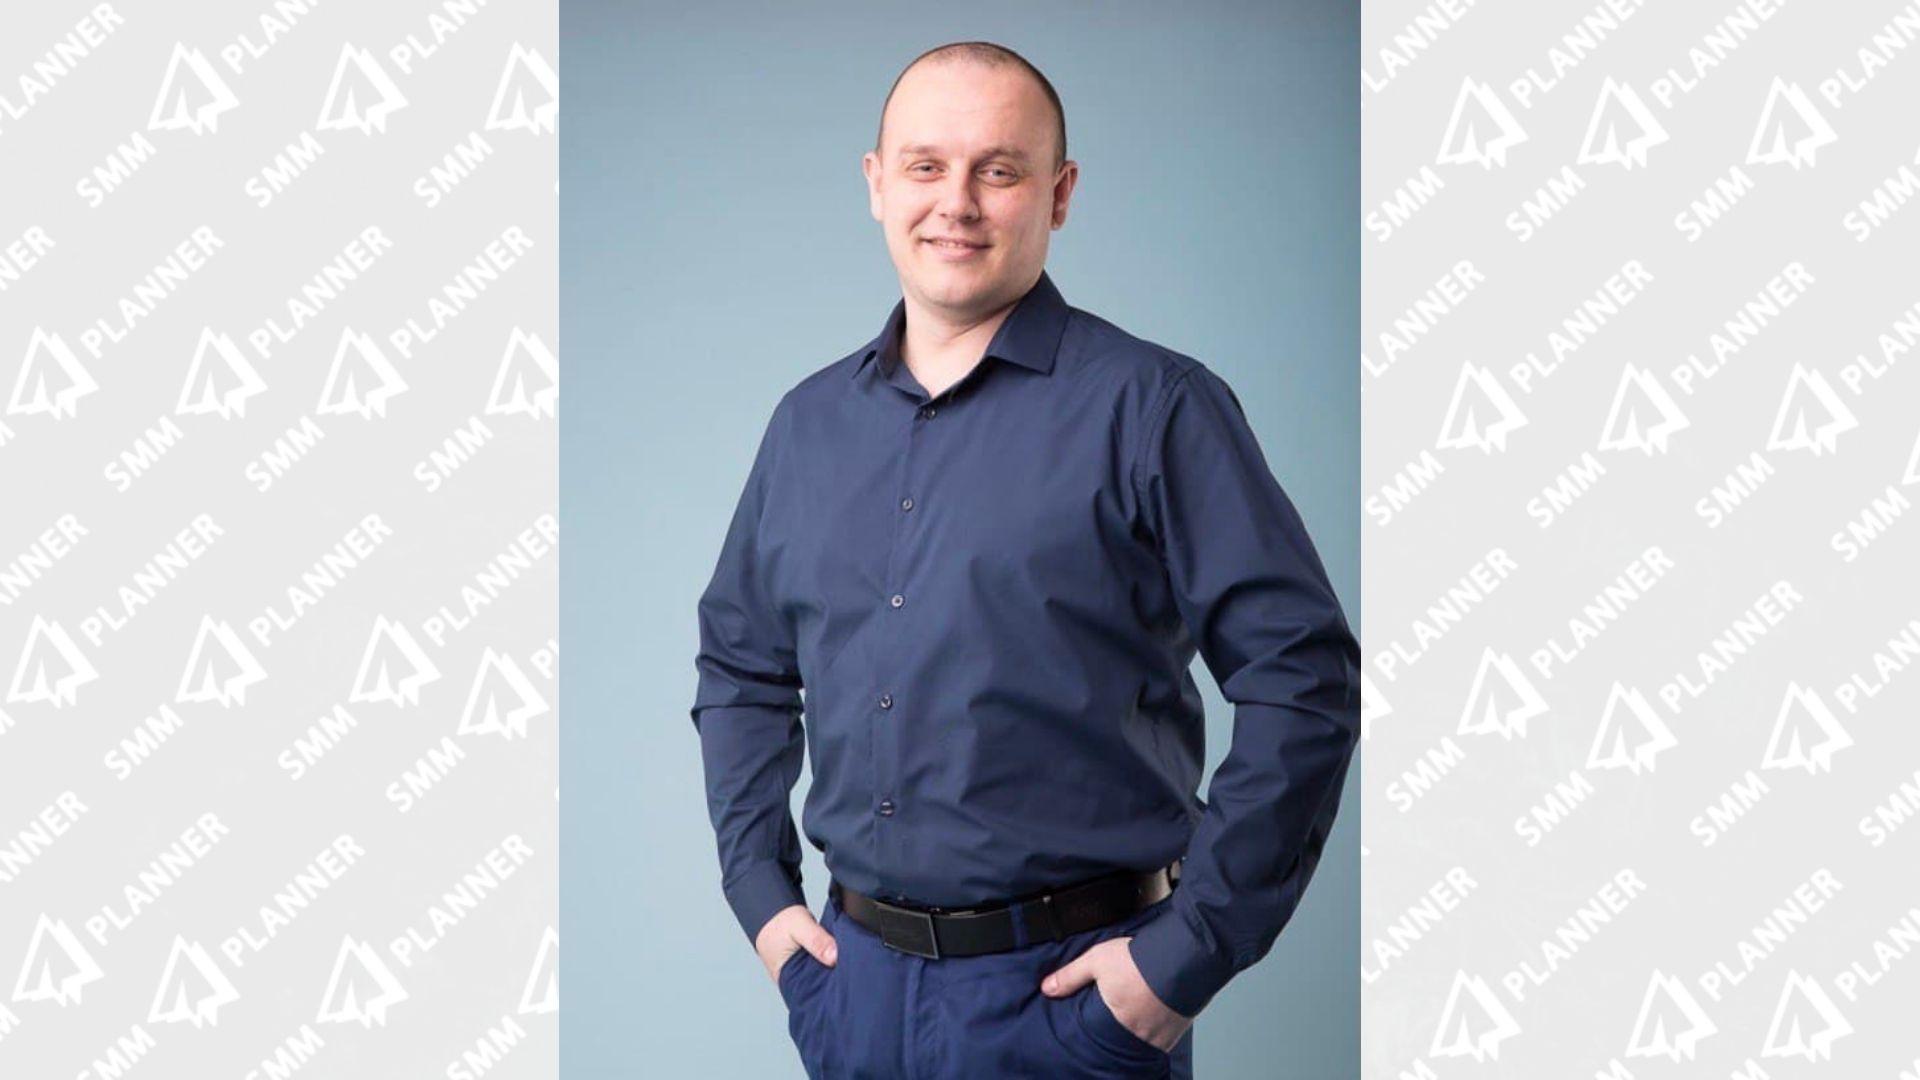 Спец по автоматизации воронок продаж Андрей Беловолов рассказывает, какие воронки продают в соцсетях